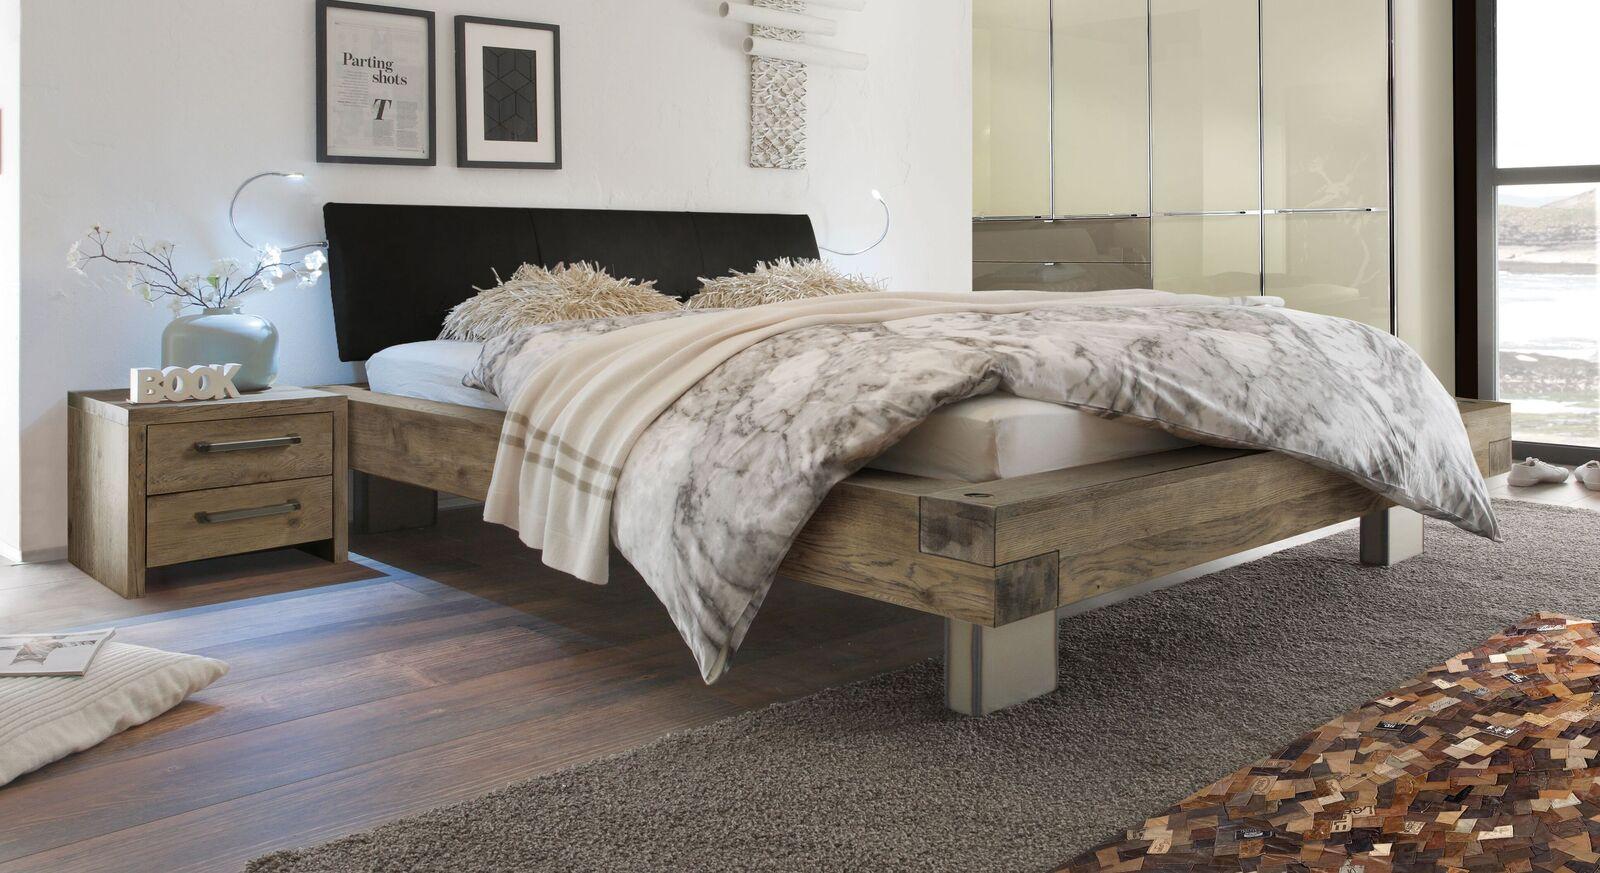 Holzbett Limeira in Terrabraun mit schwarzem Luxus-Kunstleder